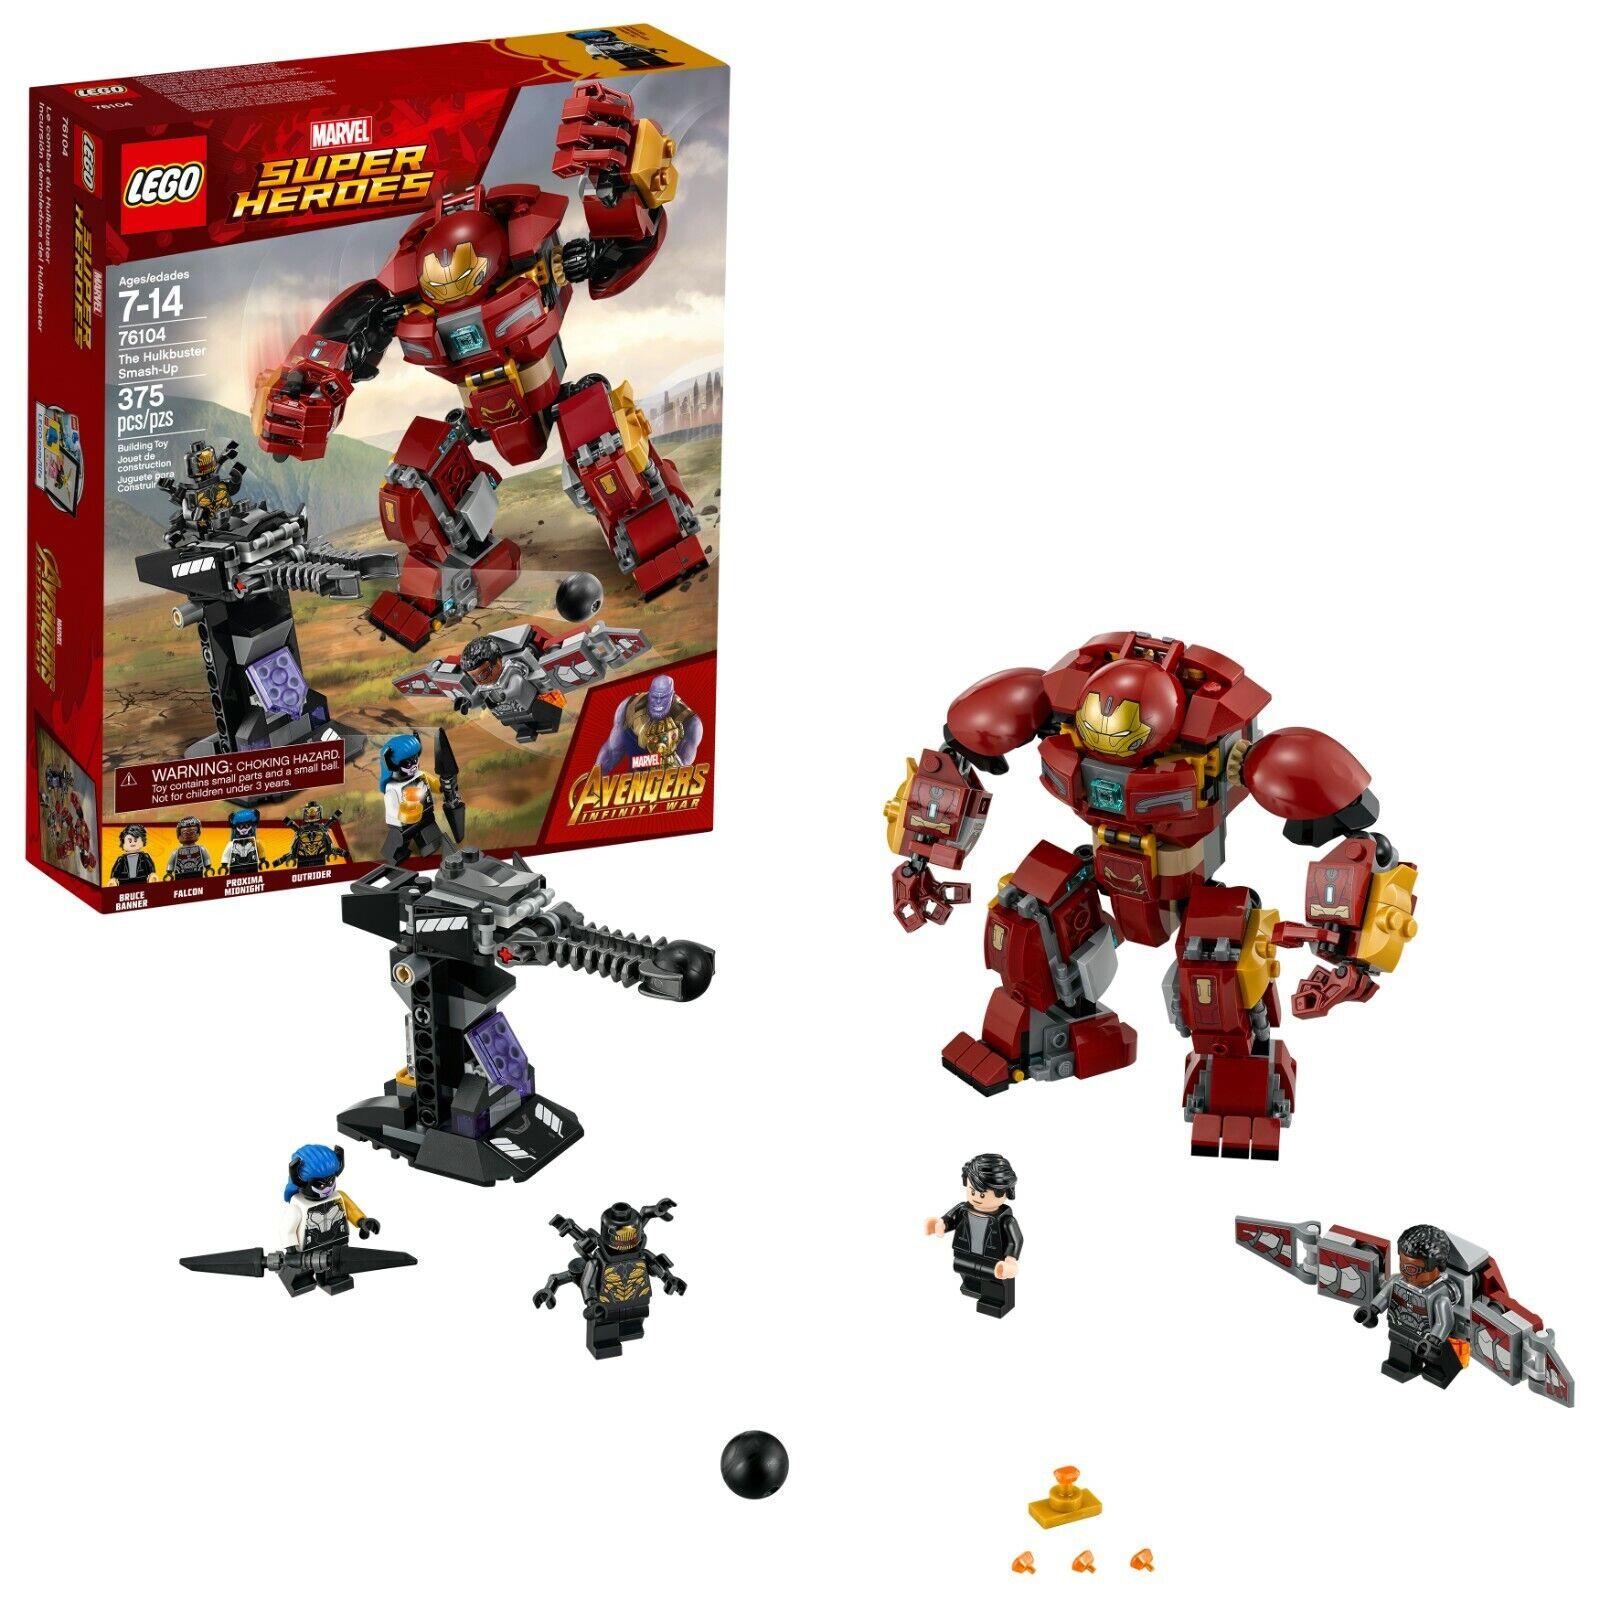 Marvel Los Vengadores Hulkbuster Smash-Up superhéroe Mini Figura Lego Construir Niños Juguete